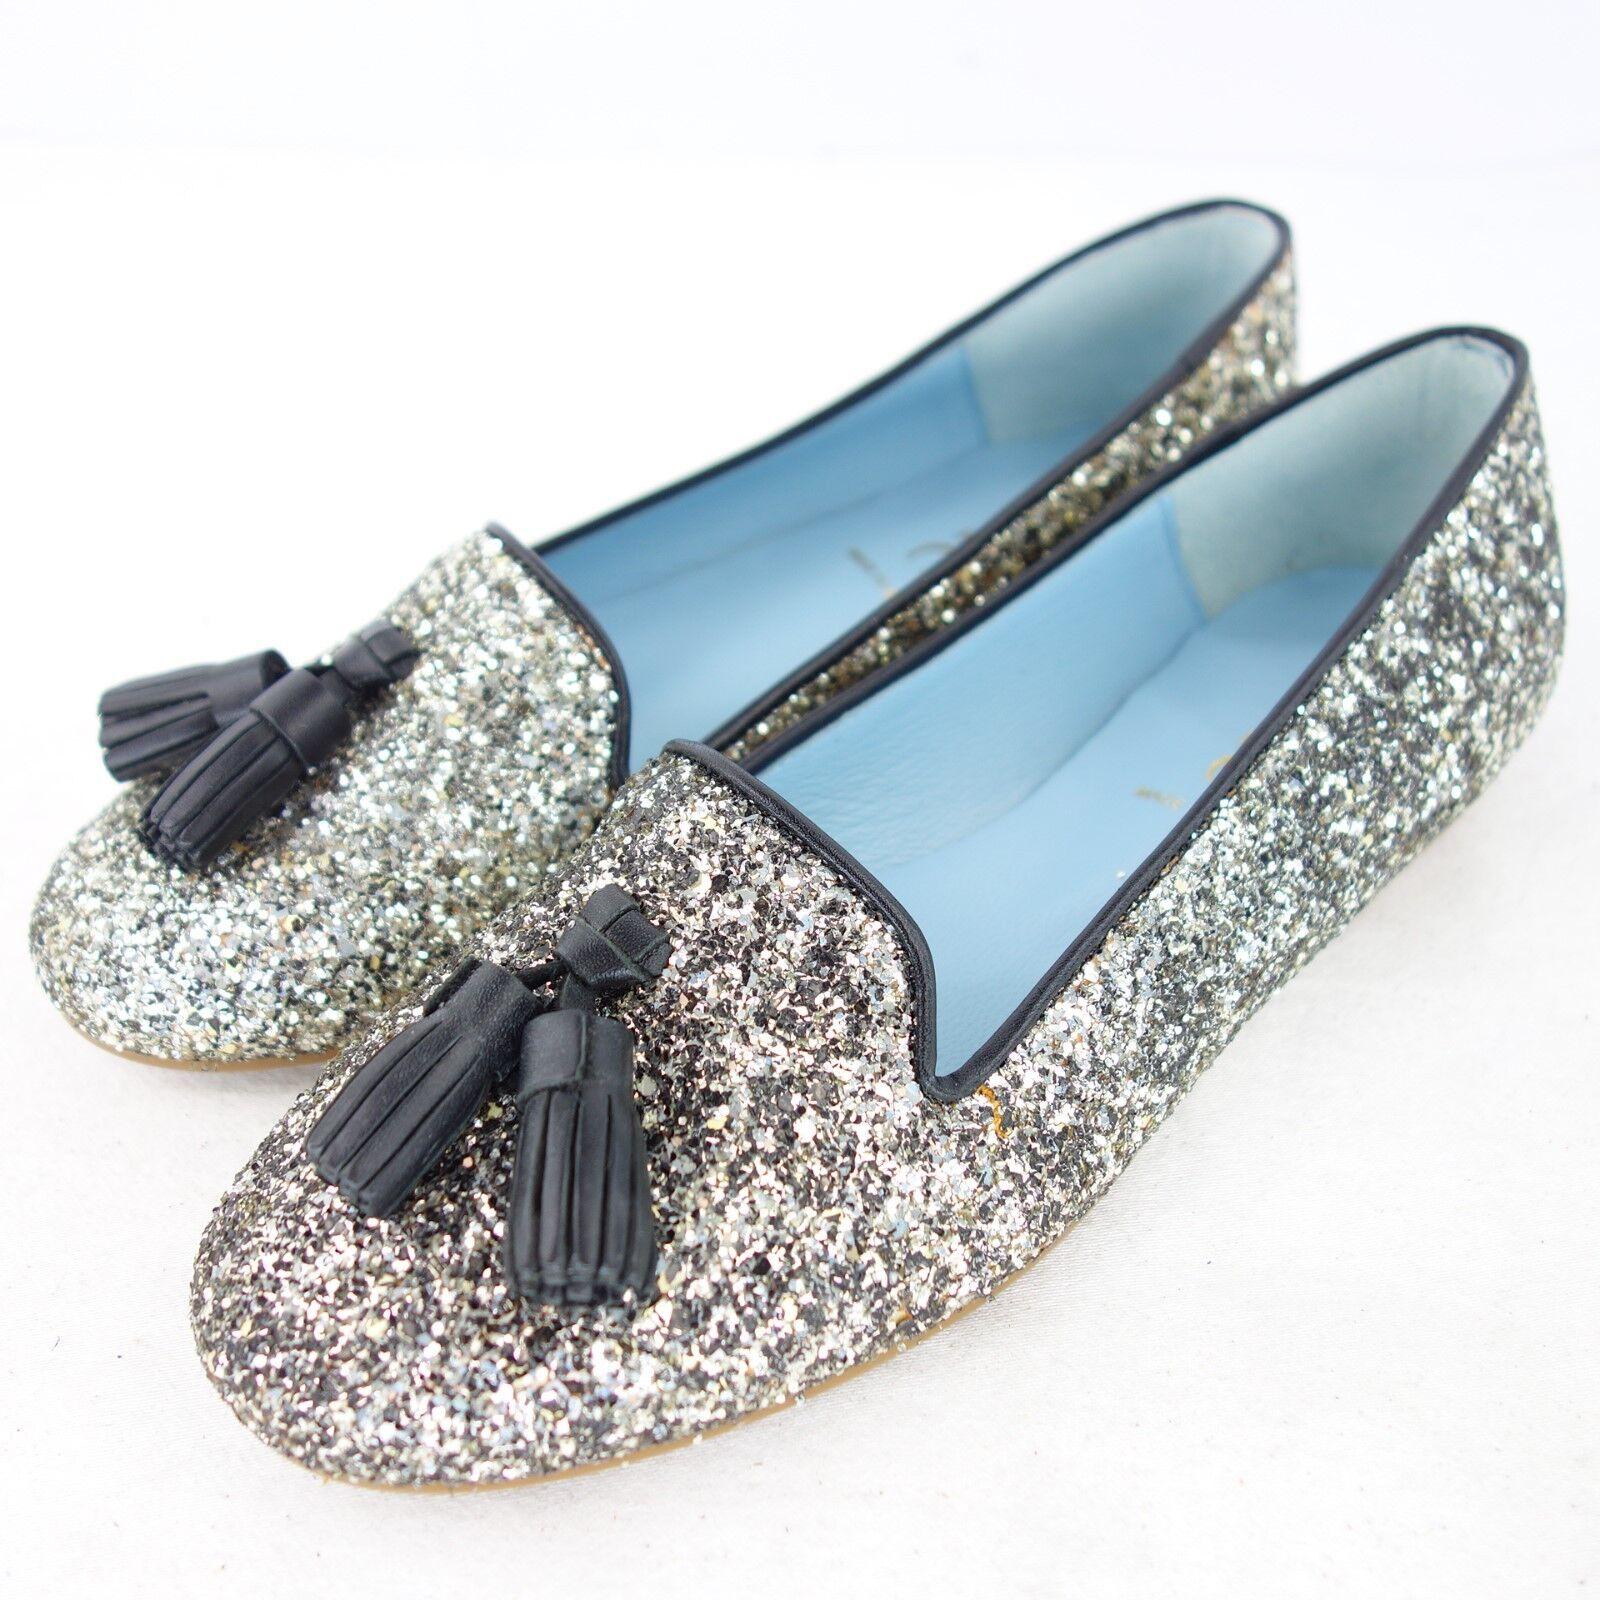 JUNIC Damen Loafer Ballerinas Schuhe Gr 37 Silber Glitzer Tassel NP 119 NEU